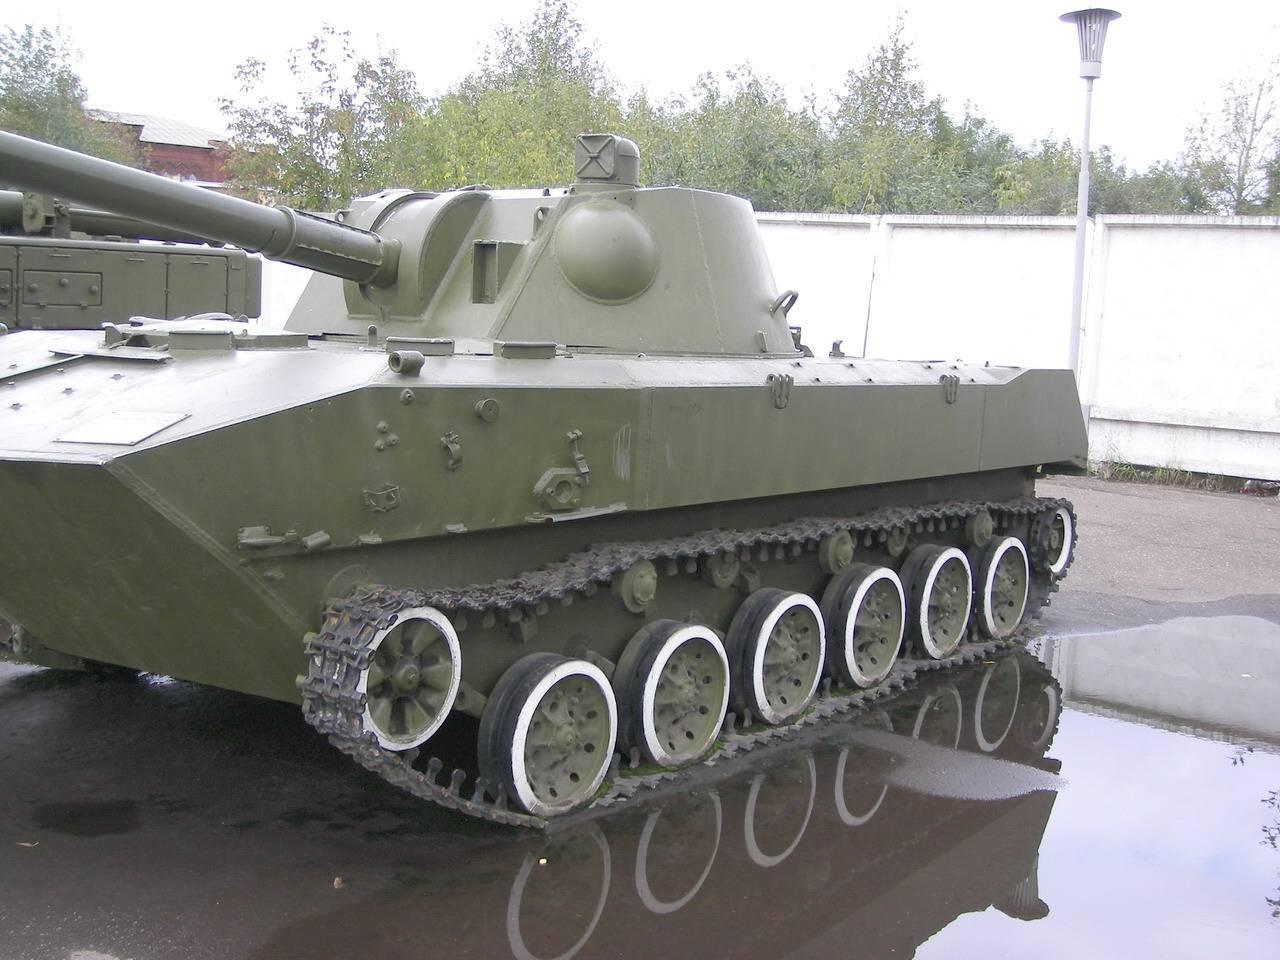 Миномет 2б9м василек 82-мм ттх. фото. видео